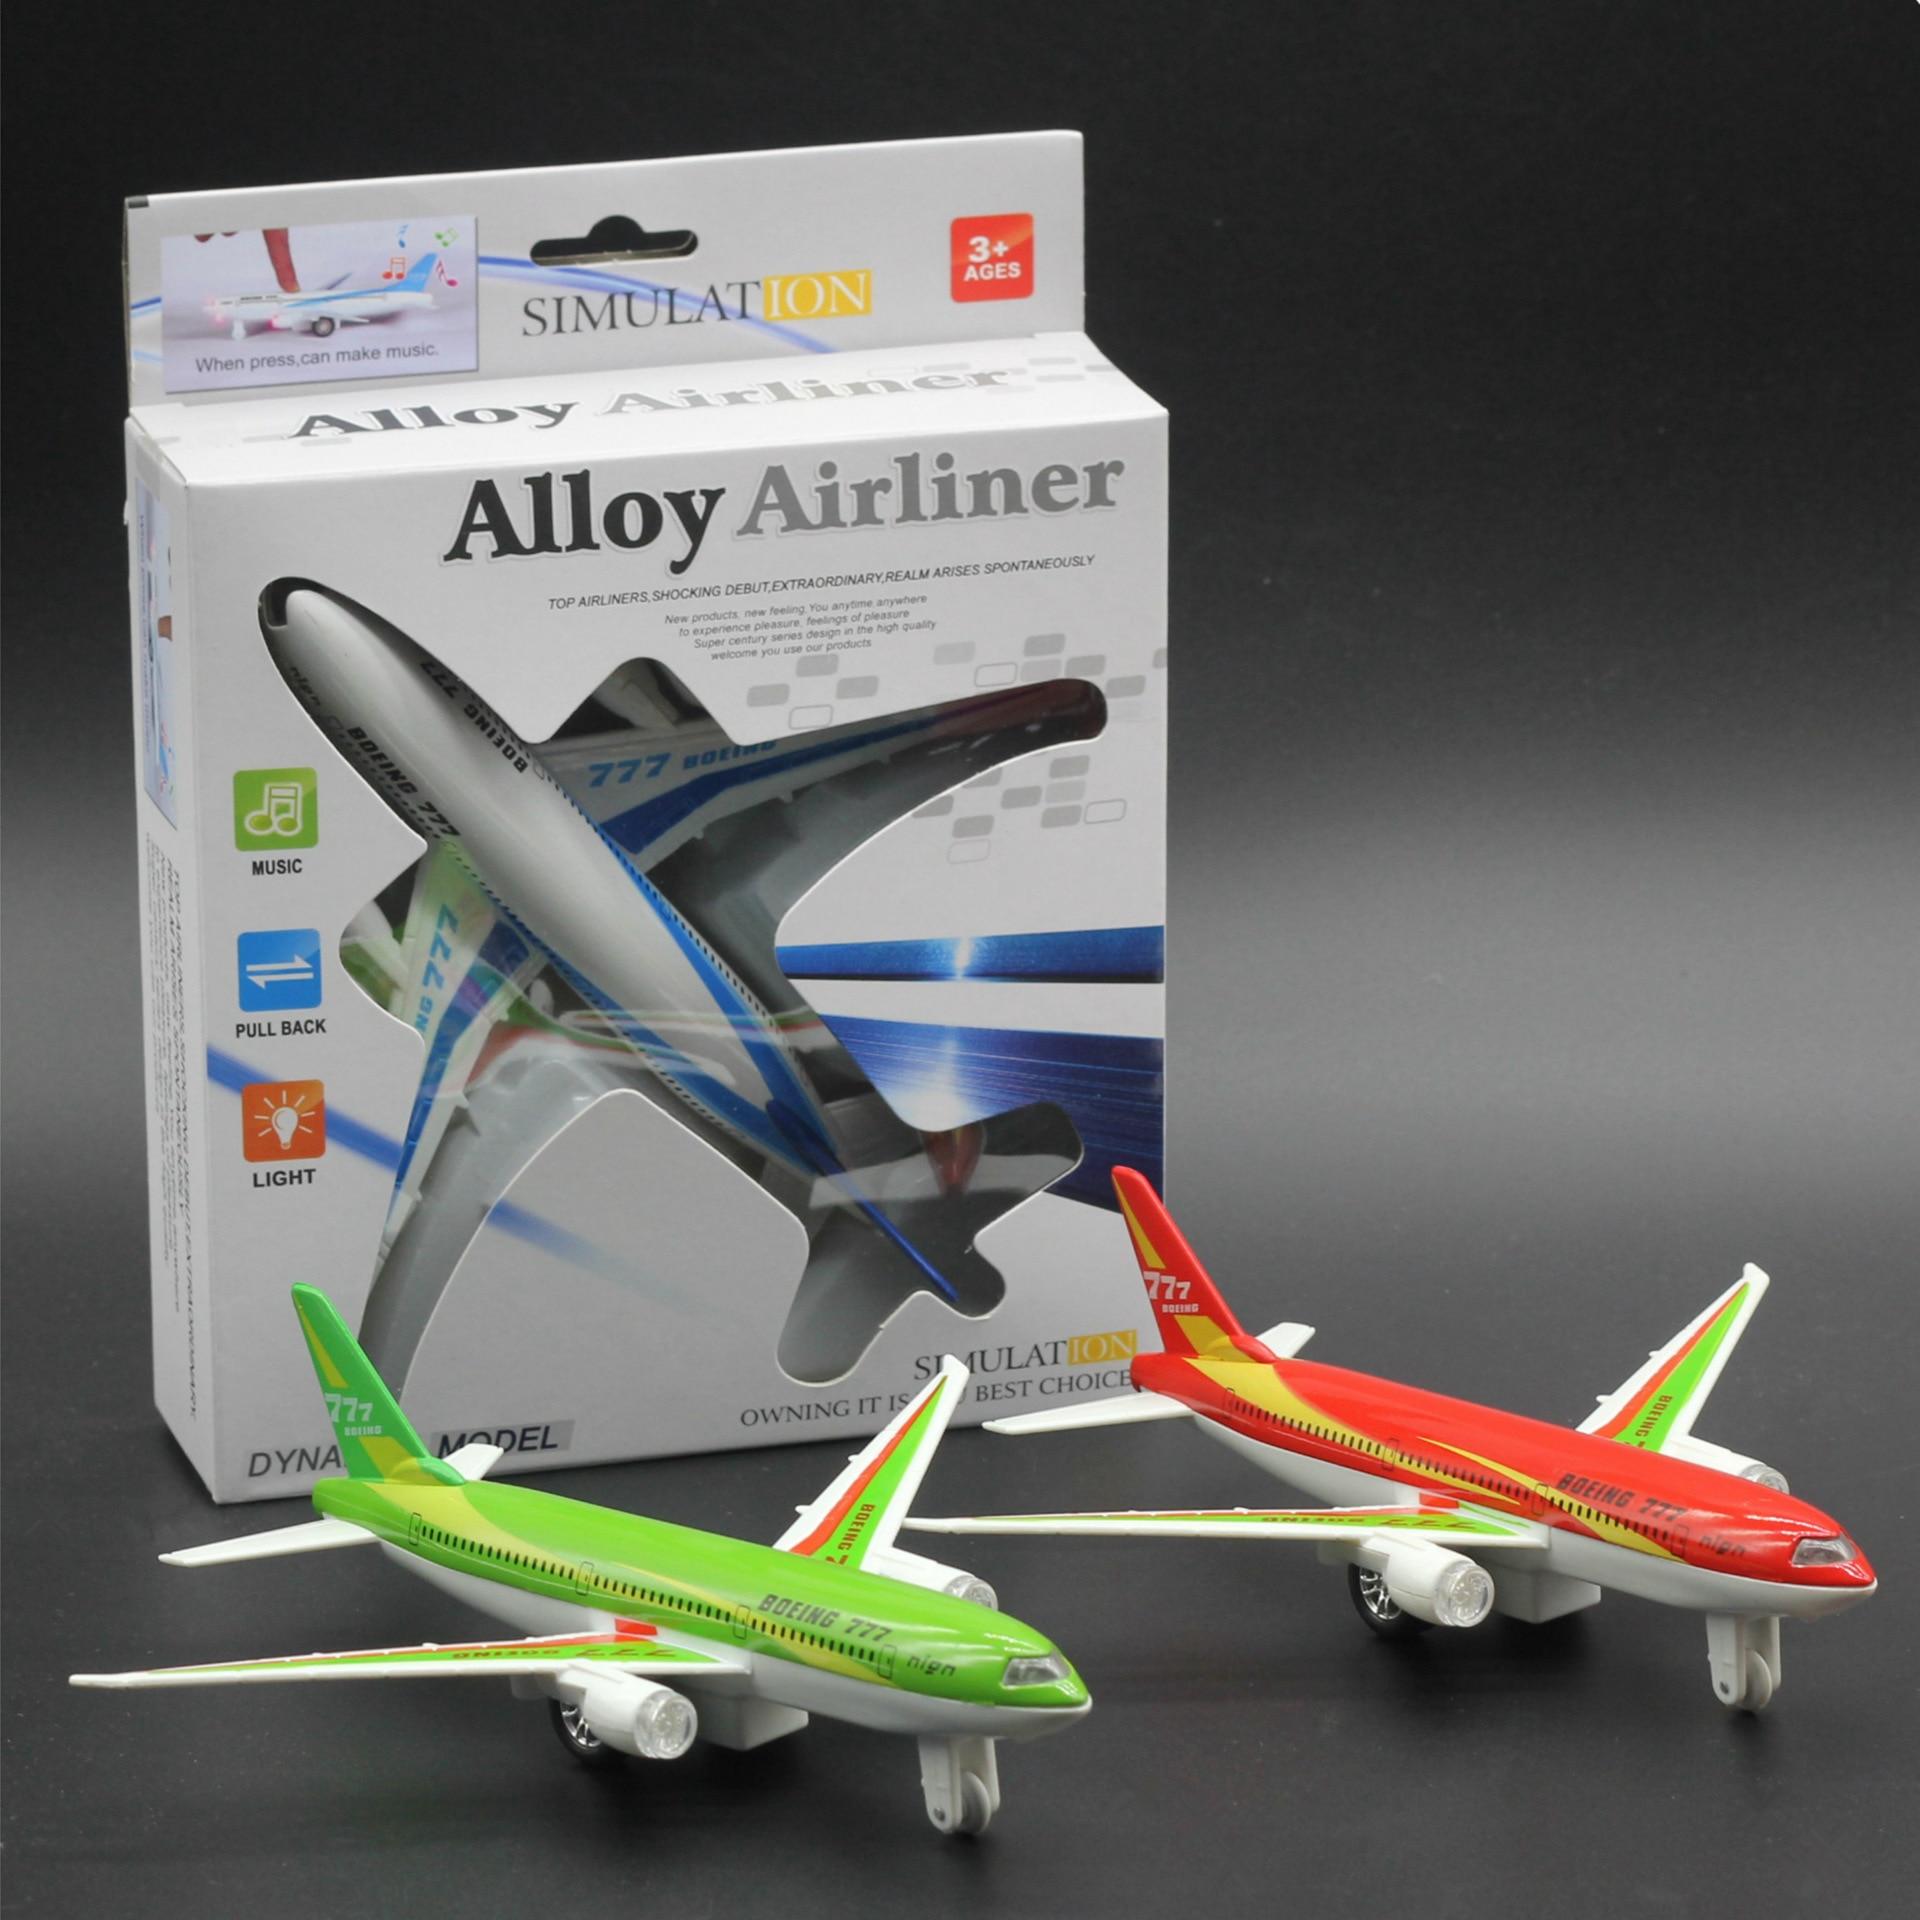 Детские игрушки, Alloy модель самолета, самолет Boeing 777, самолет Pull Back, Детские развивающие модели игрушки.